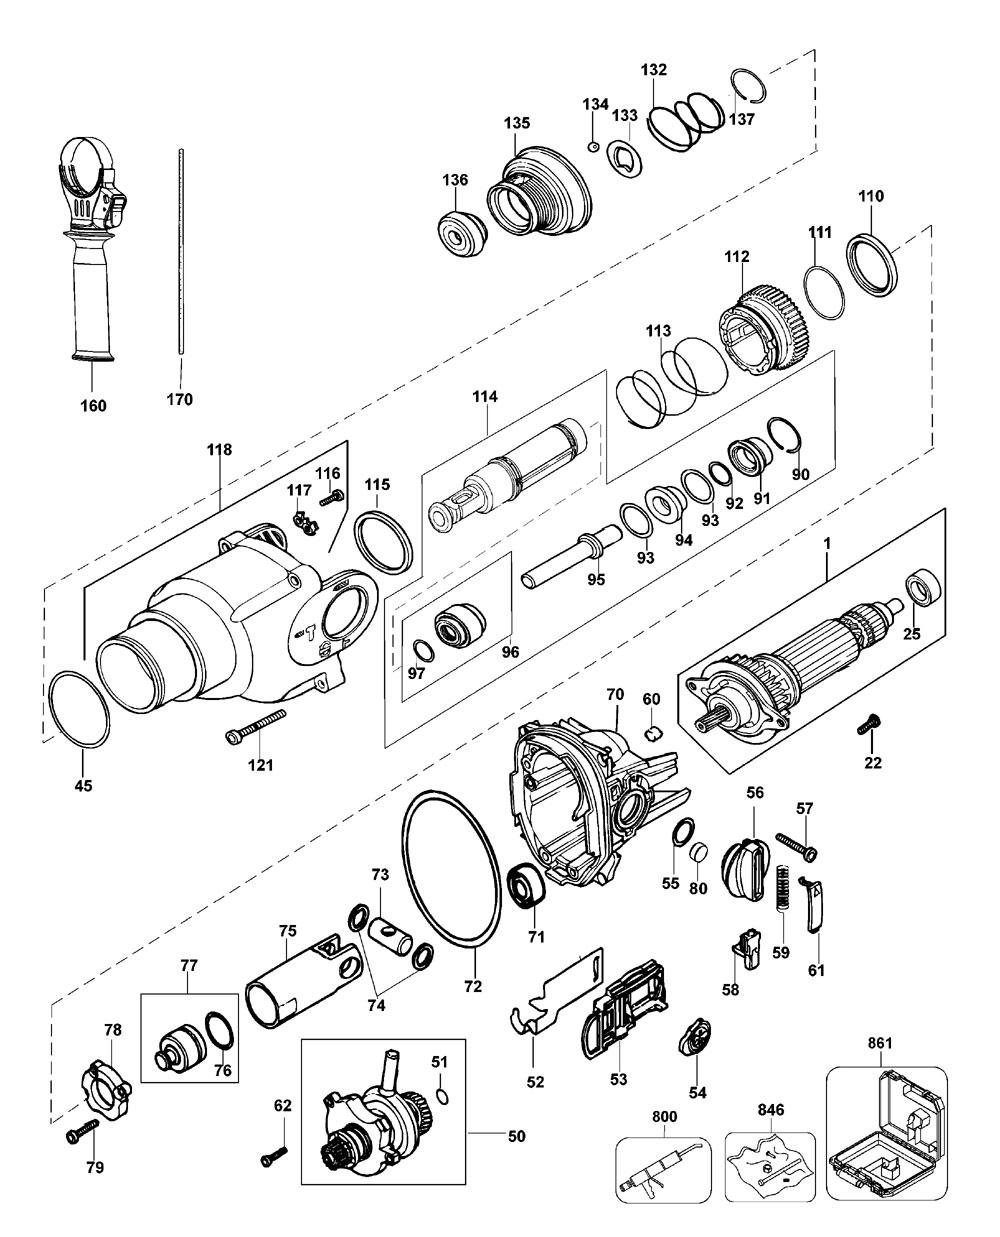 D25103KB2-Dewalt-T1-PB-1Break Down